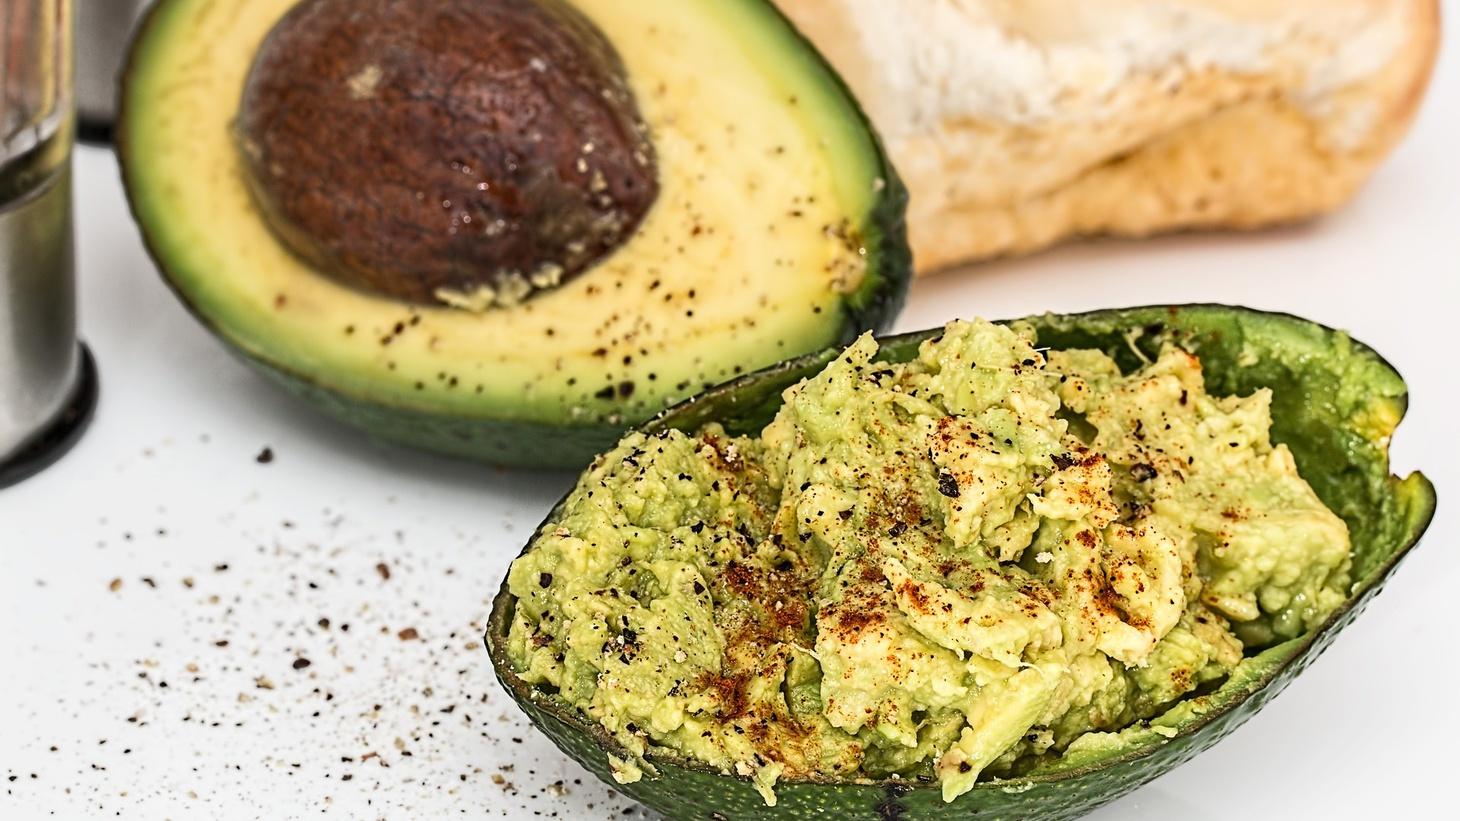 Seasoned avocado.